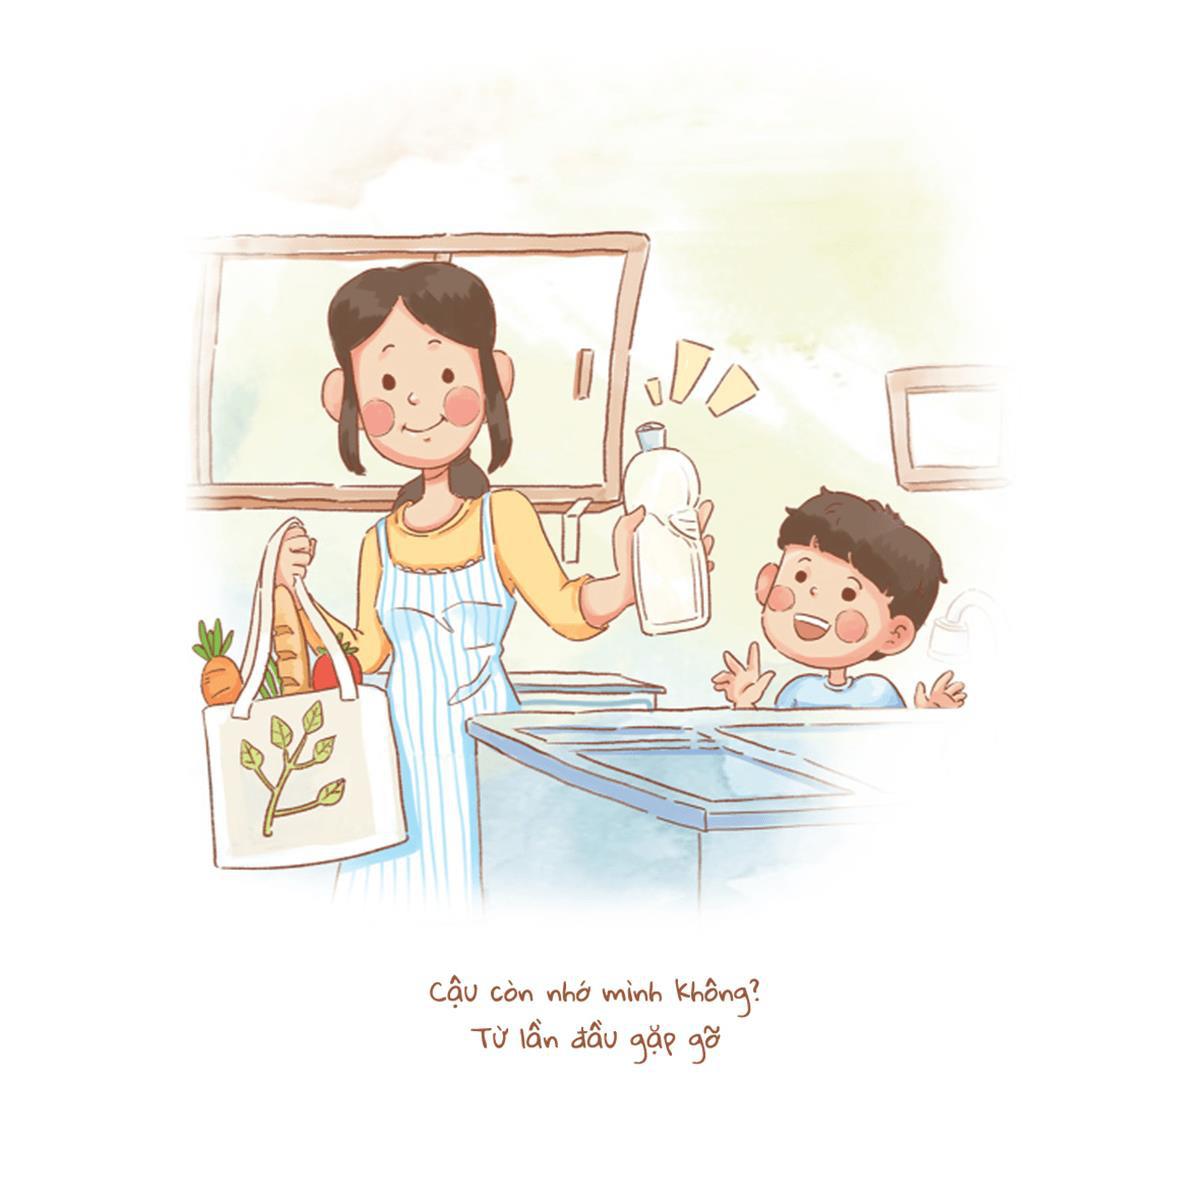 Câu chuyện về hành trình tái sinh của chai nhựa gây sốt cộng đồng mạng - Ảnh 1.